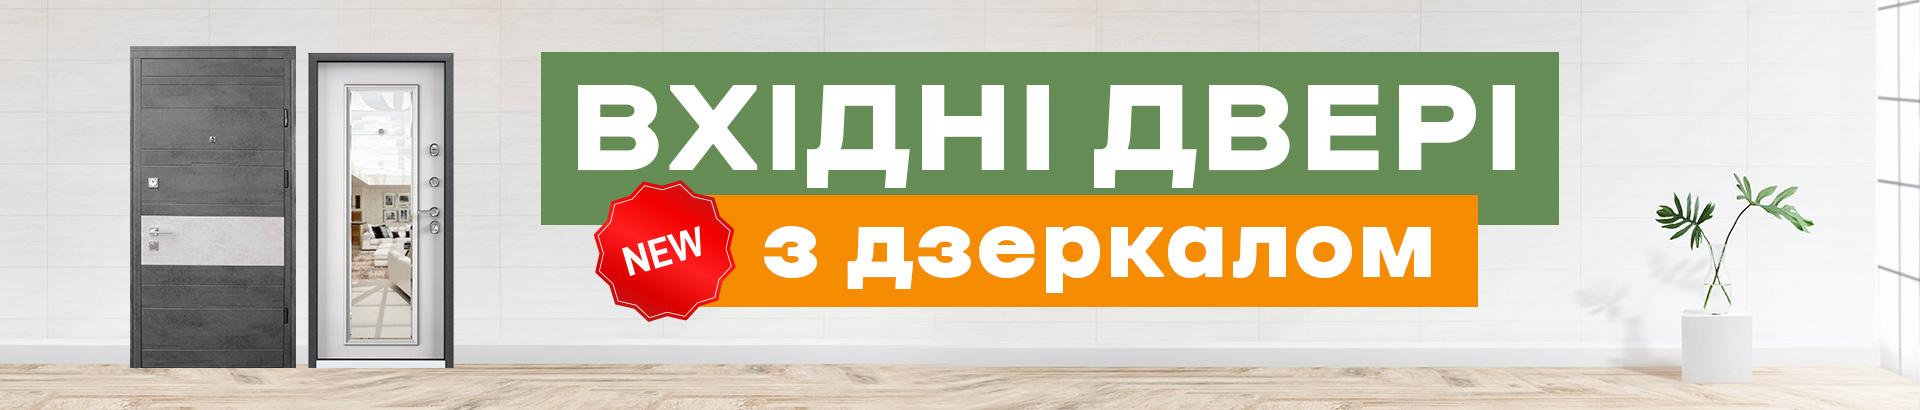 best_dveri_zerkalo_1920x410_banner